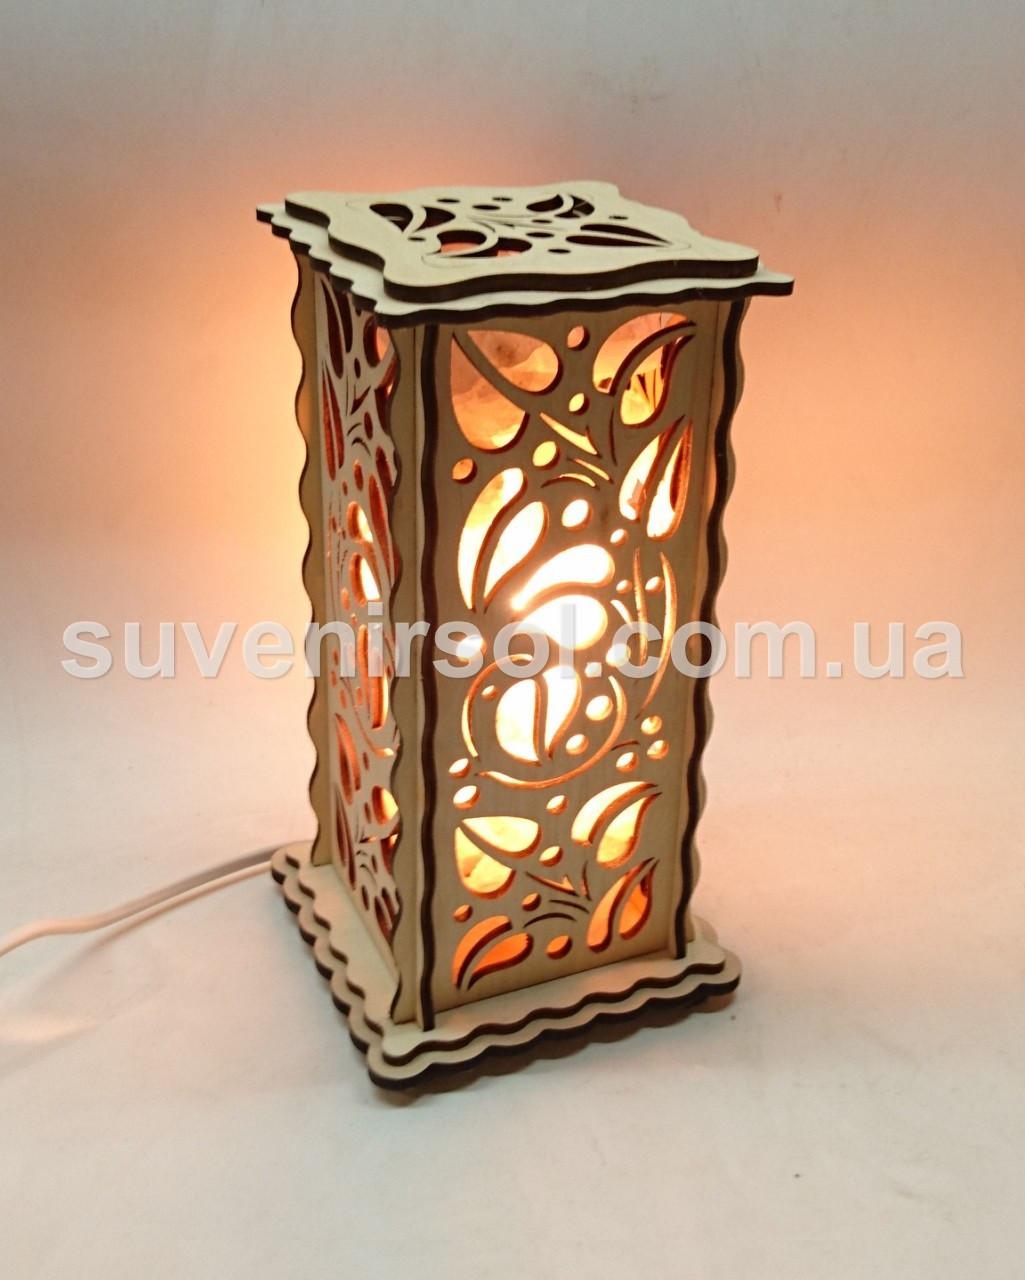 Соляной светильник Деревянный